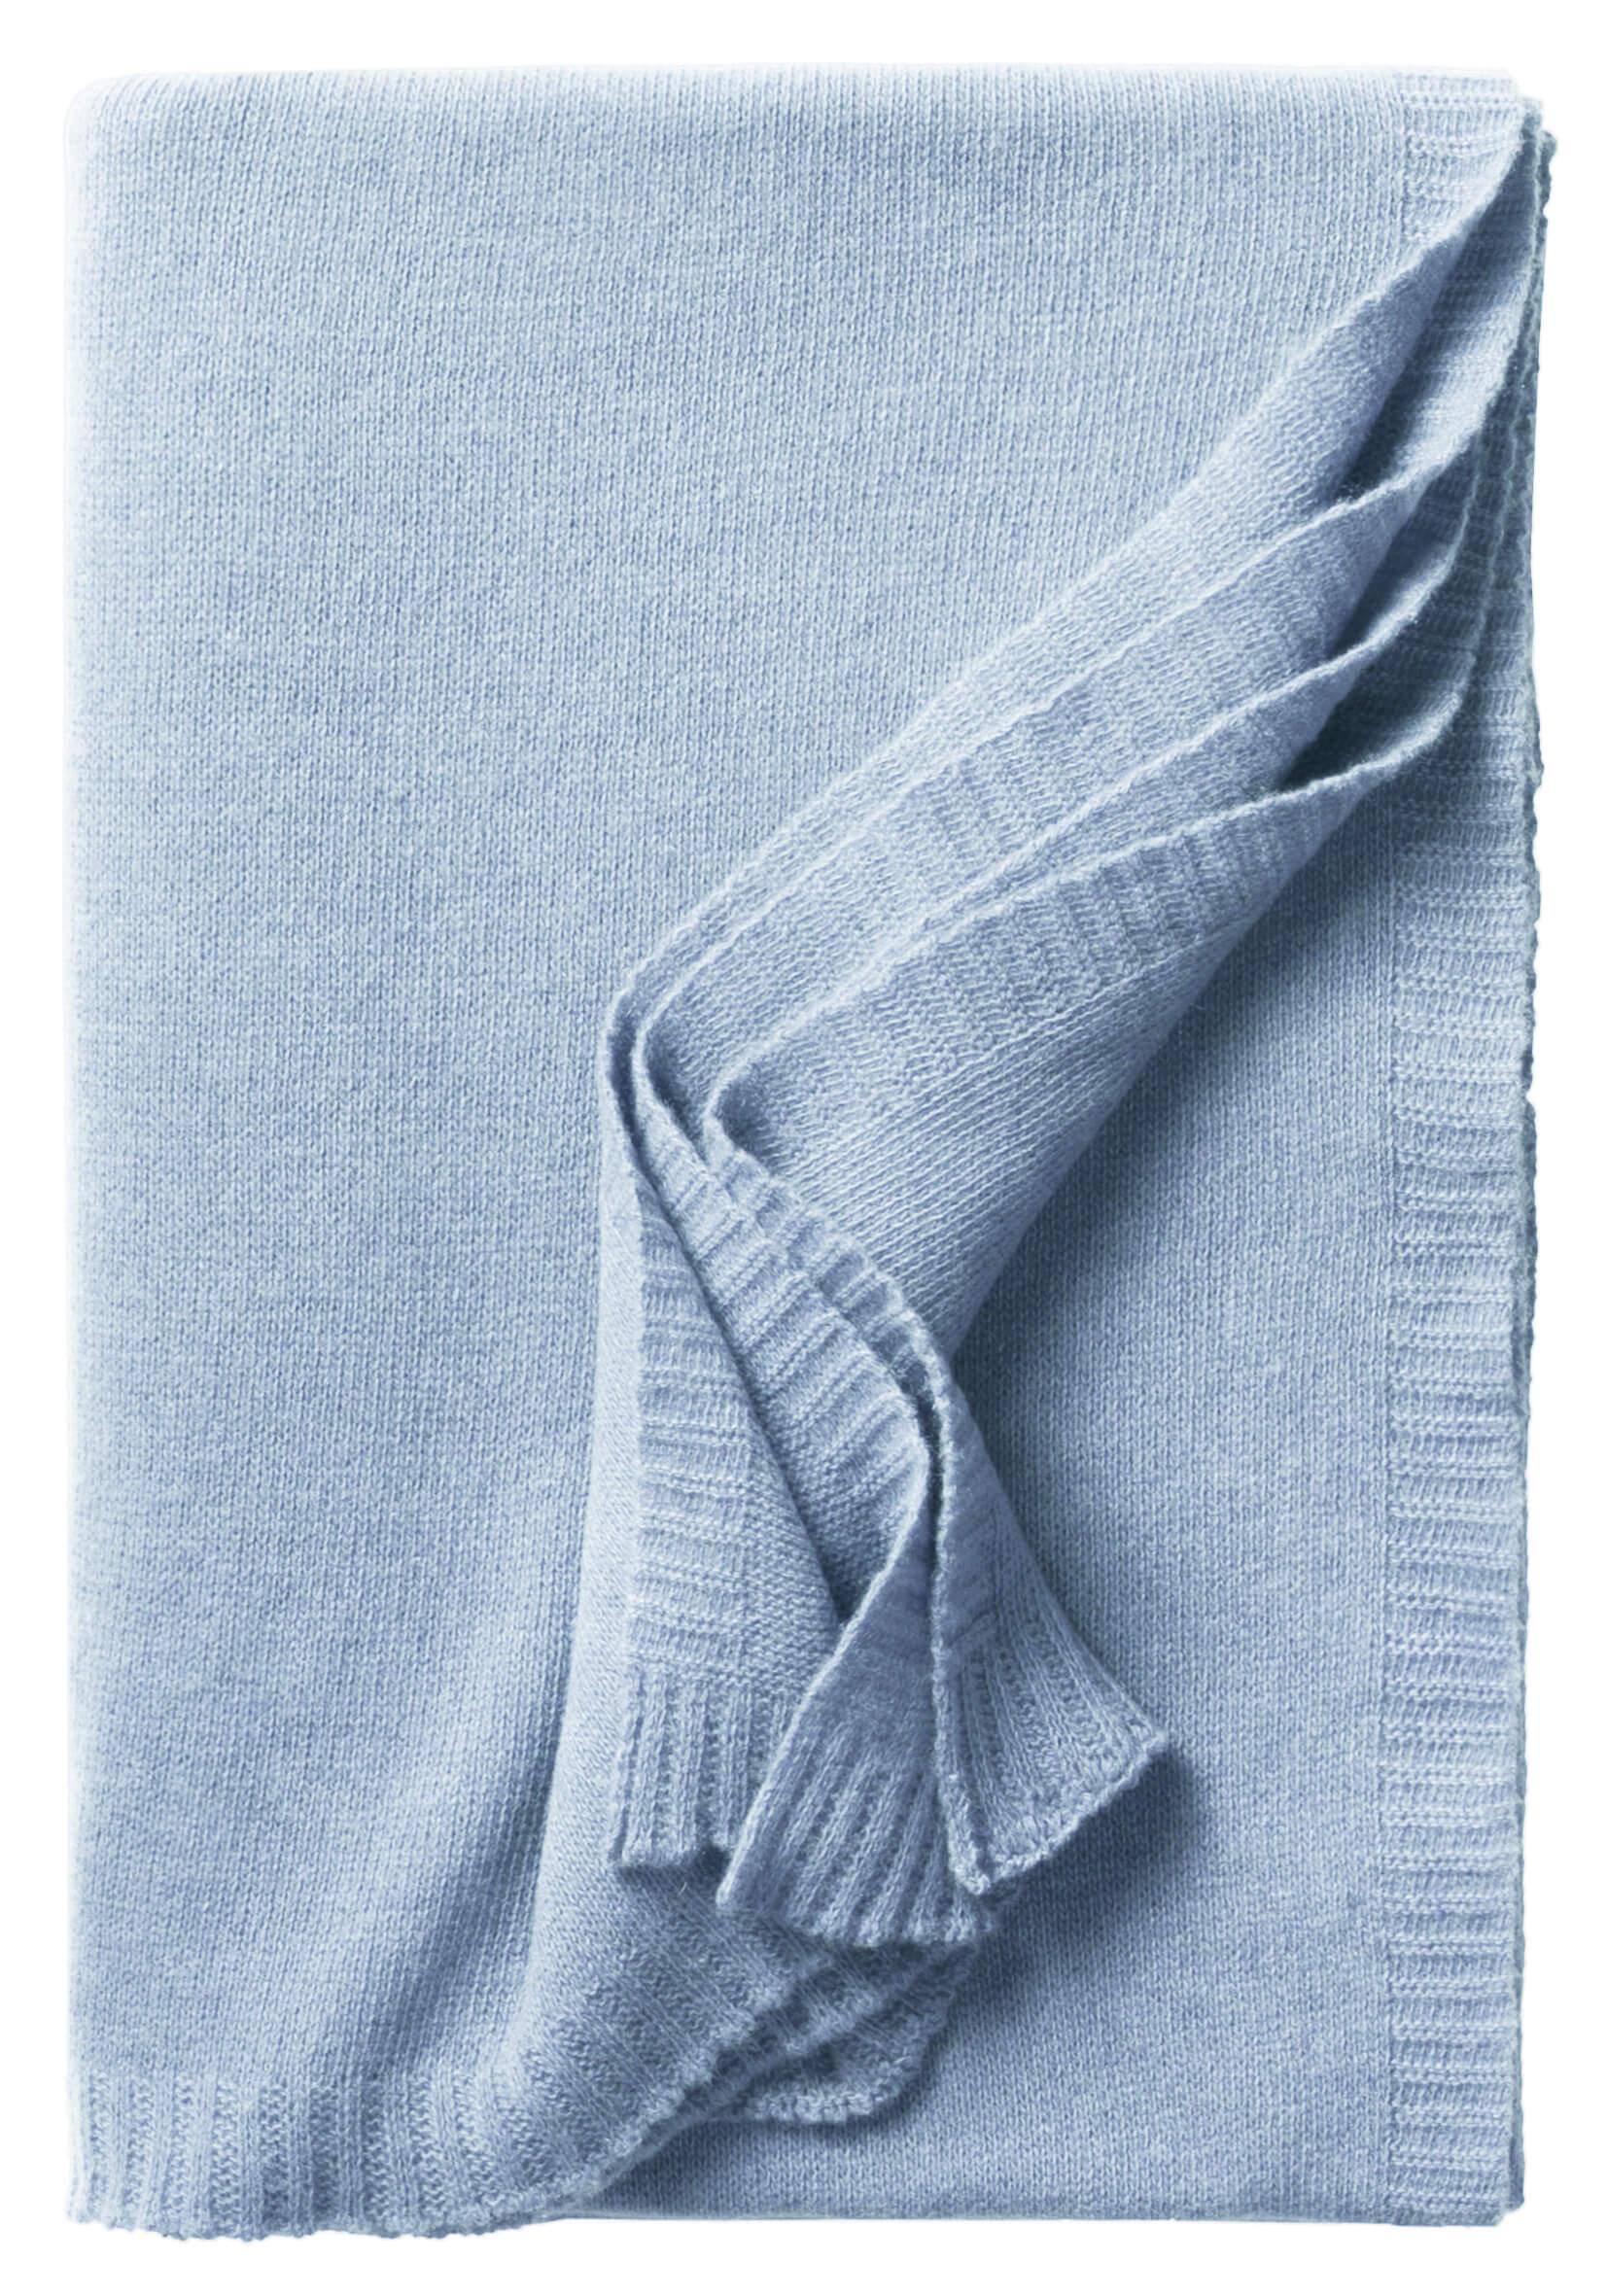 Bild von Biella6, Variante hellblau